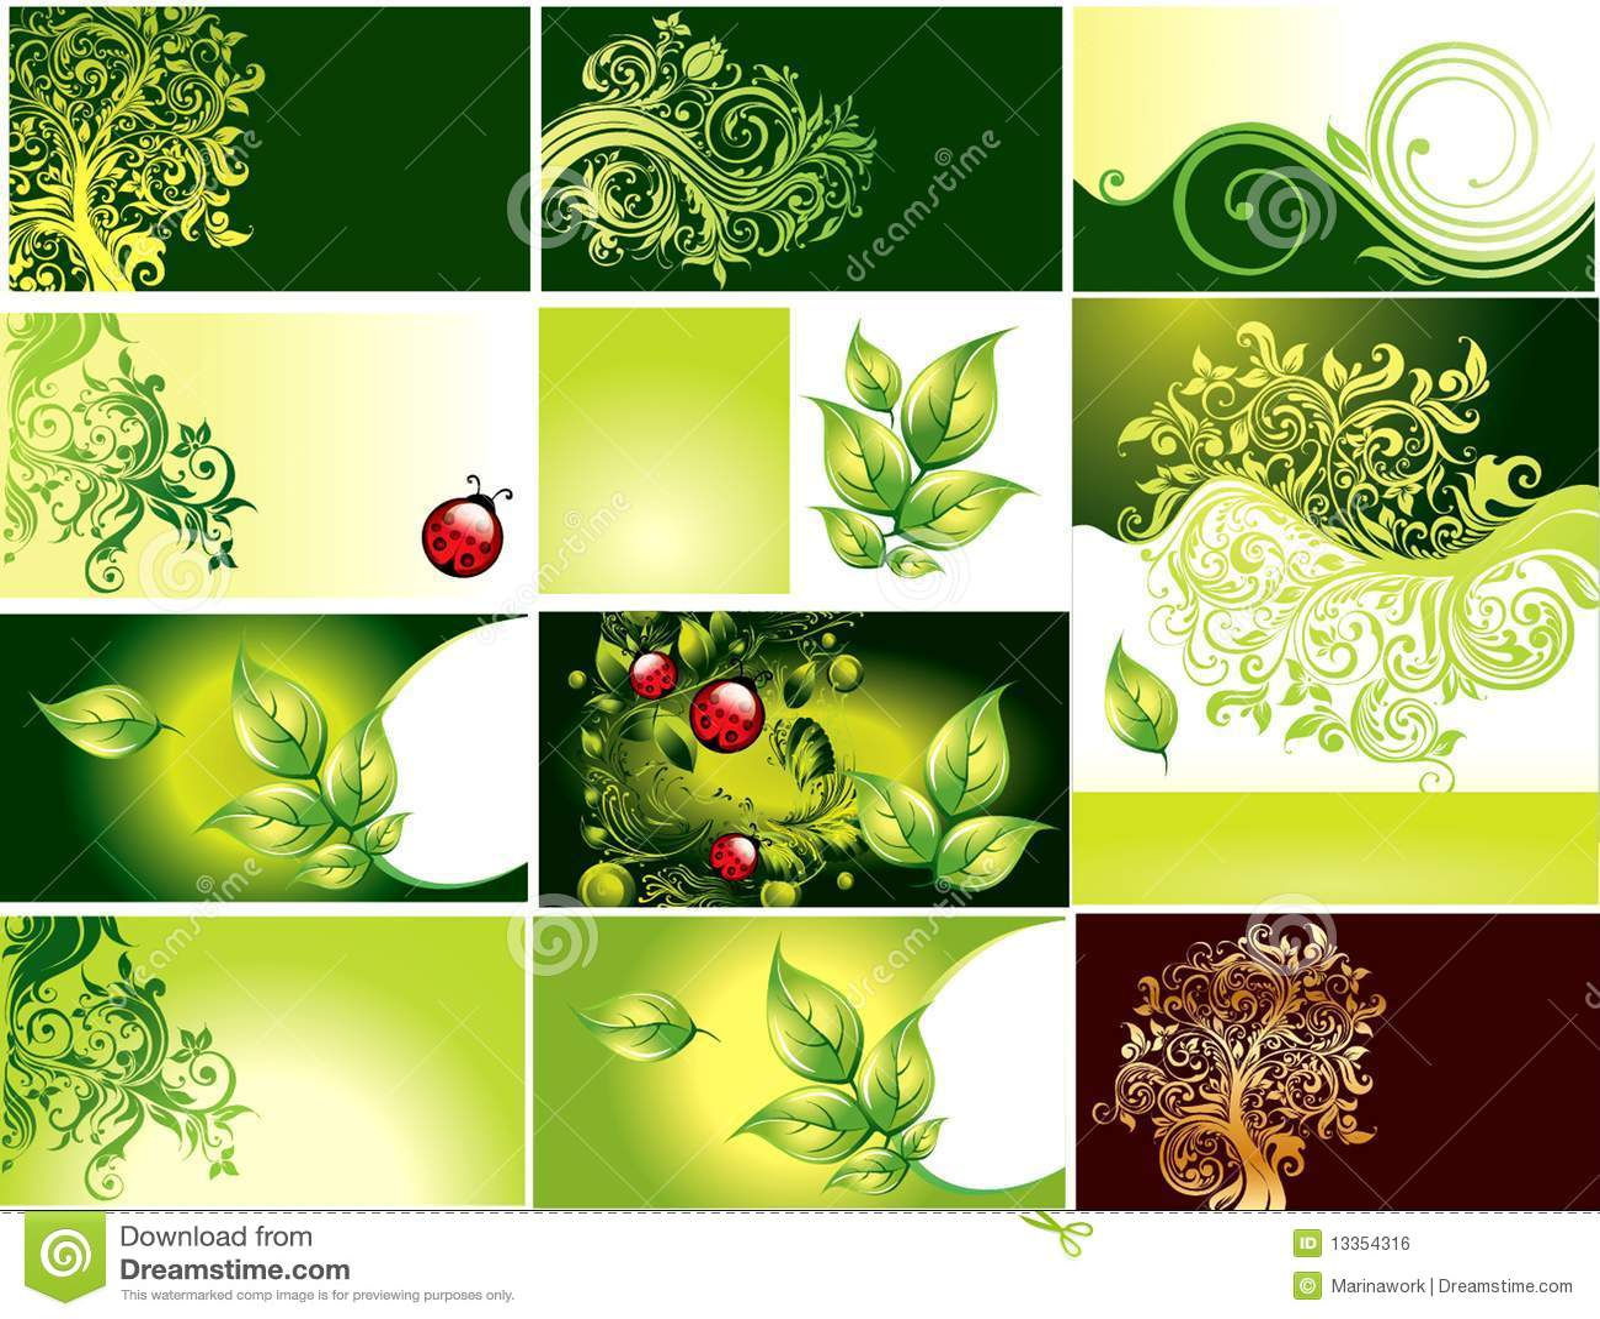 Placez La Carte De Visite Professionnelle Verte Avec Le Feuillage Vert